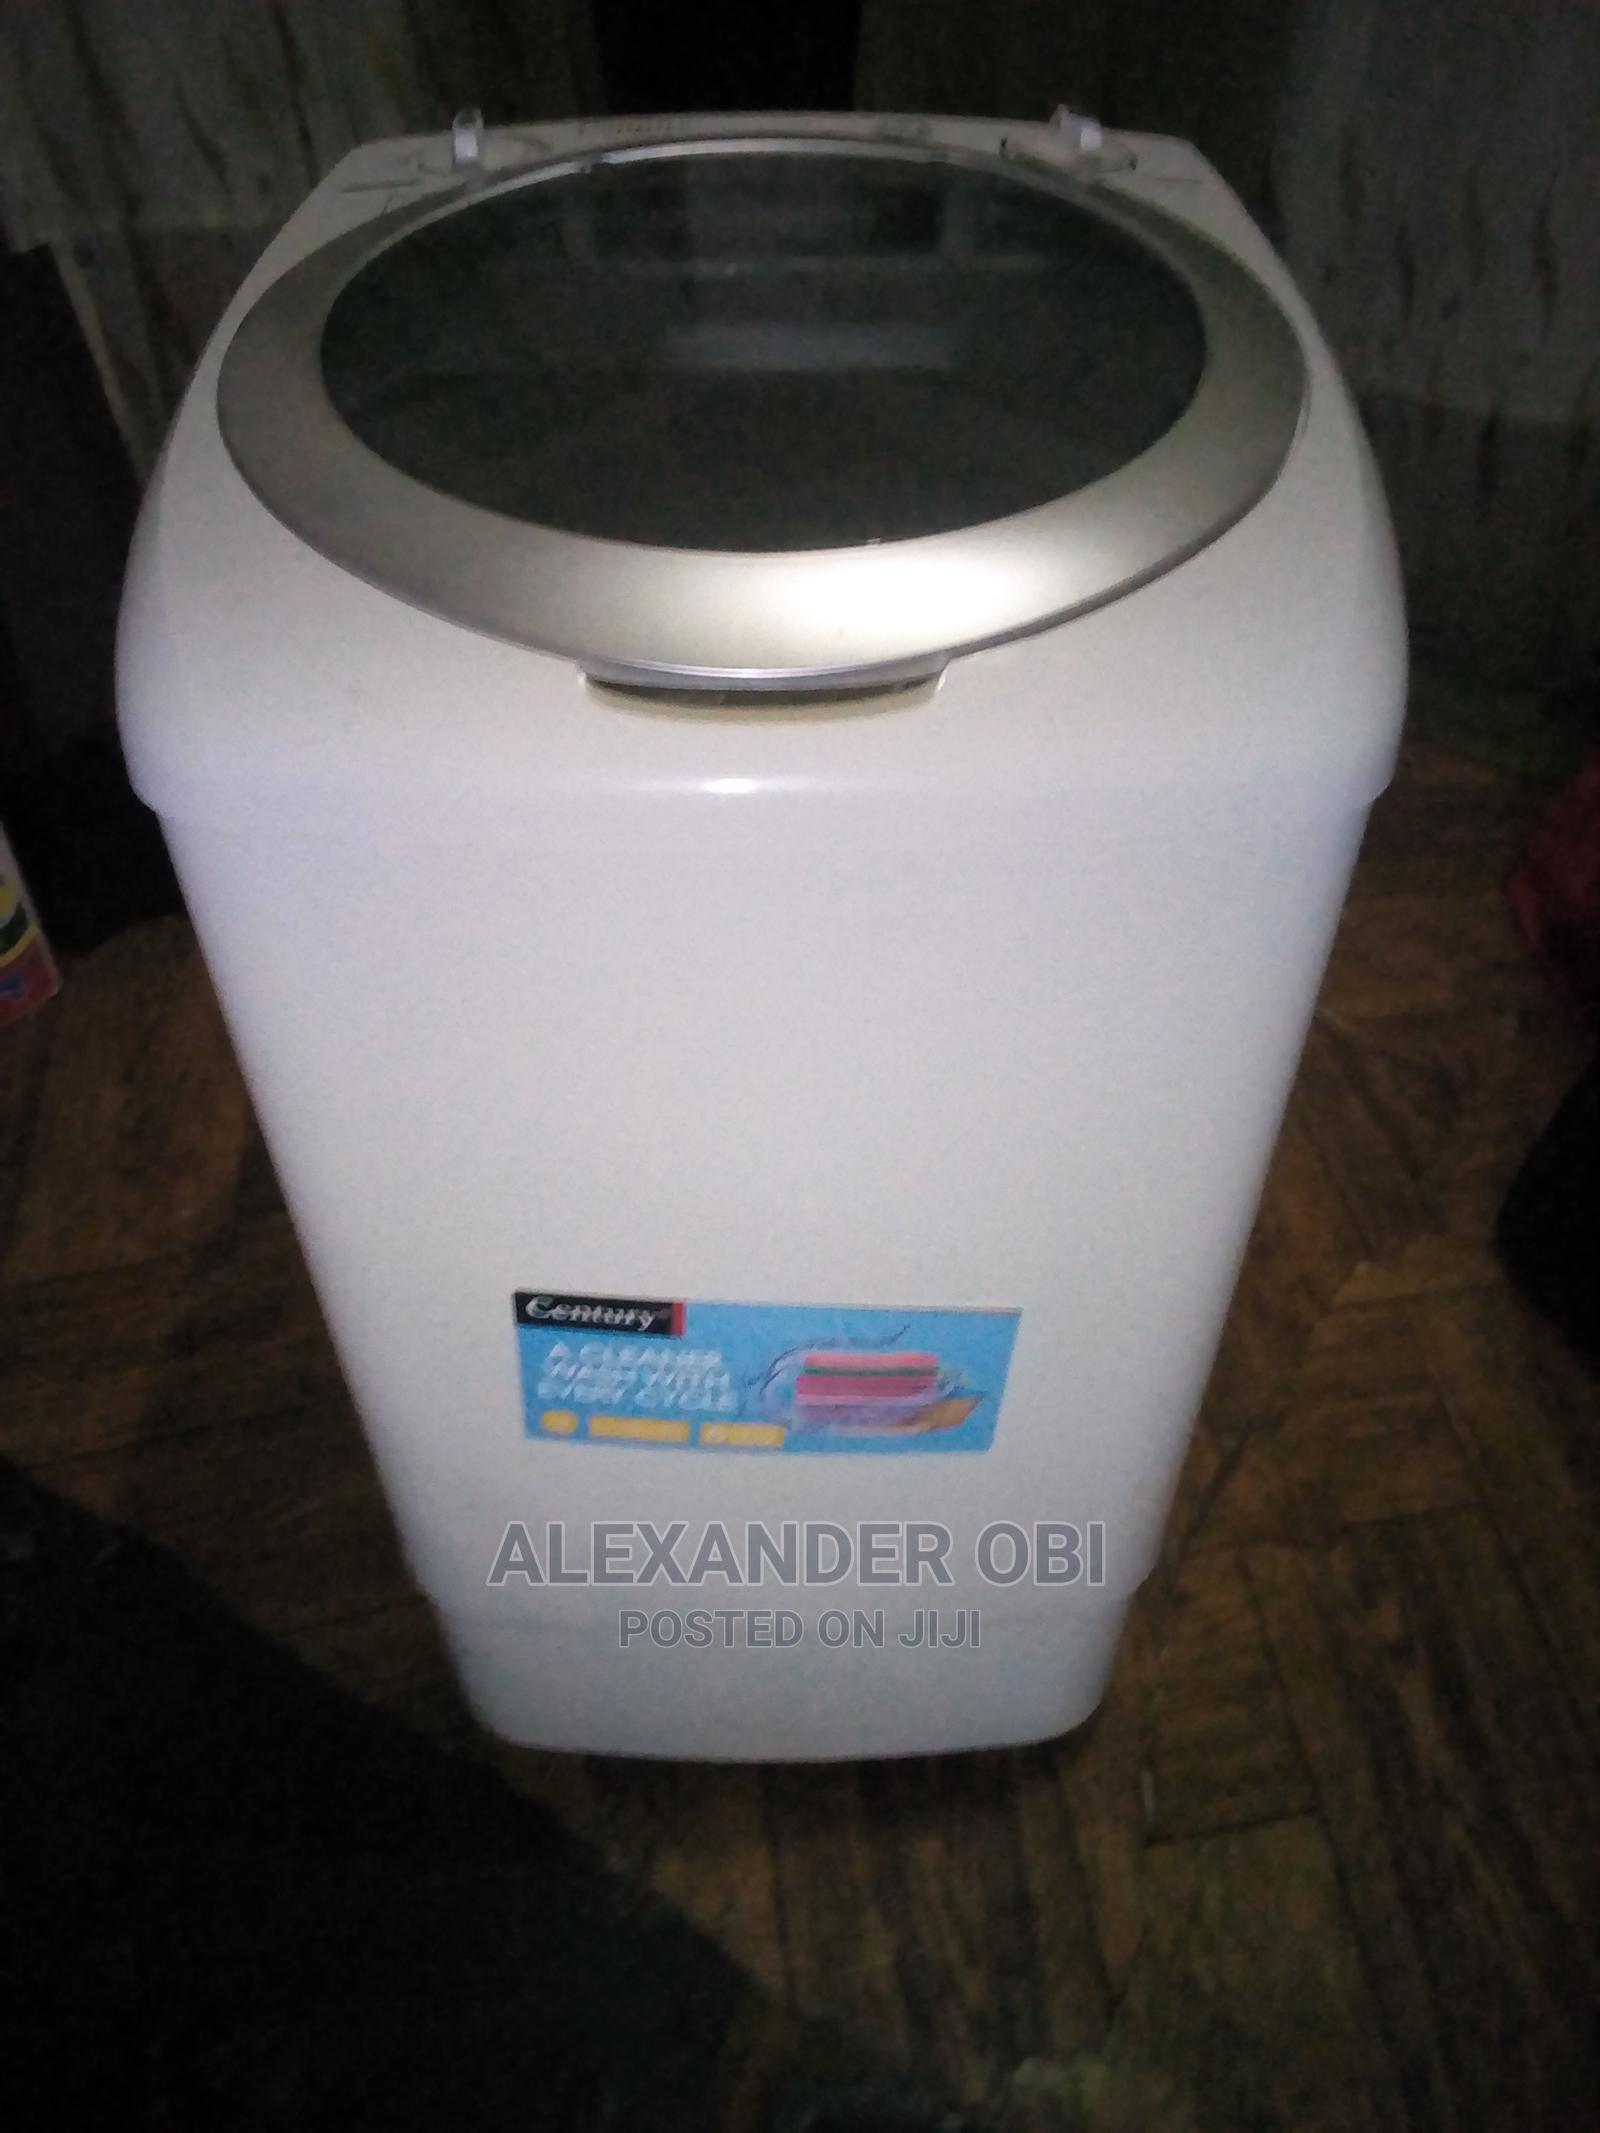 Century Washing Machine 7.8kg | Home Appliances for sale in Nsukka, Enugu State, Nigeria